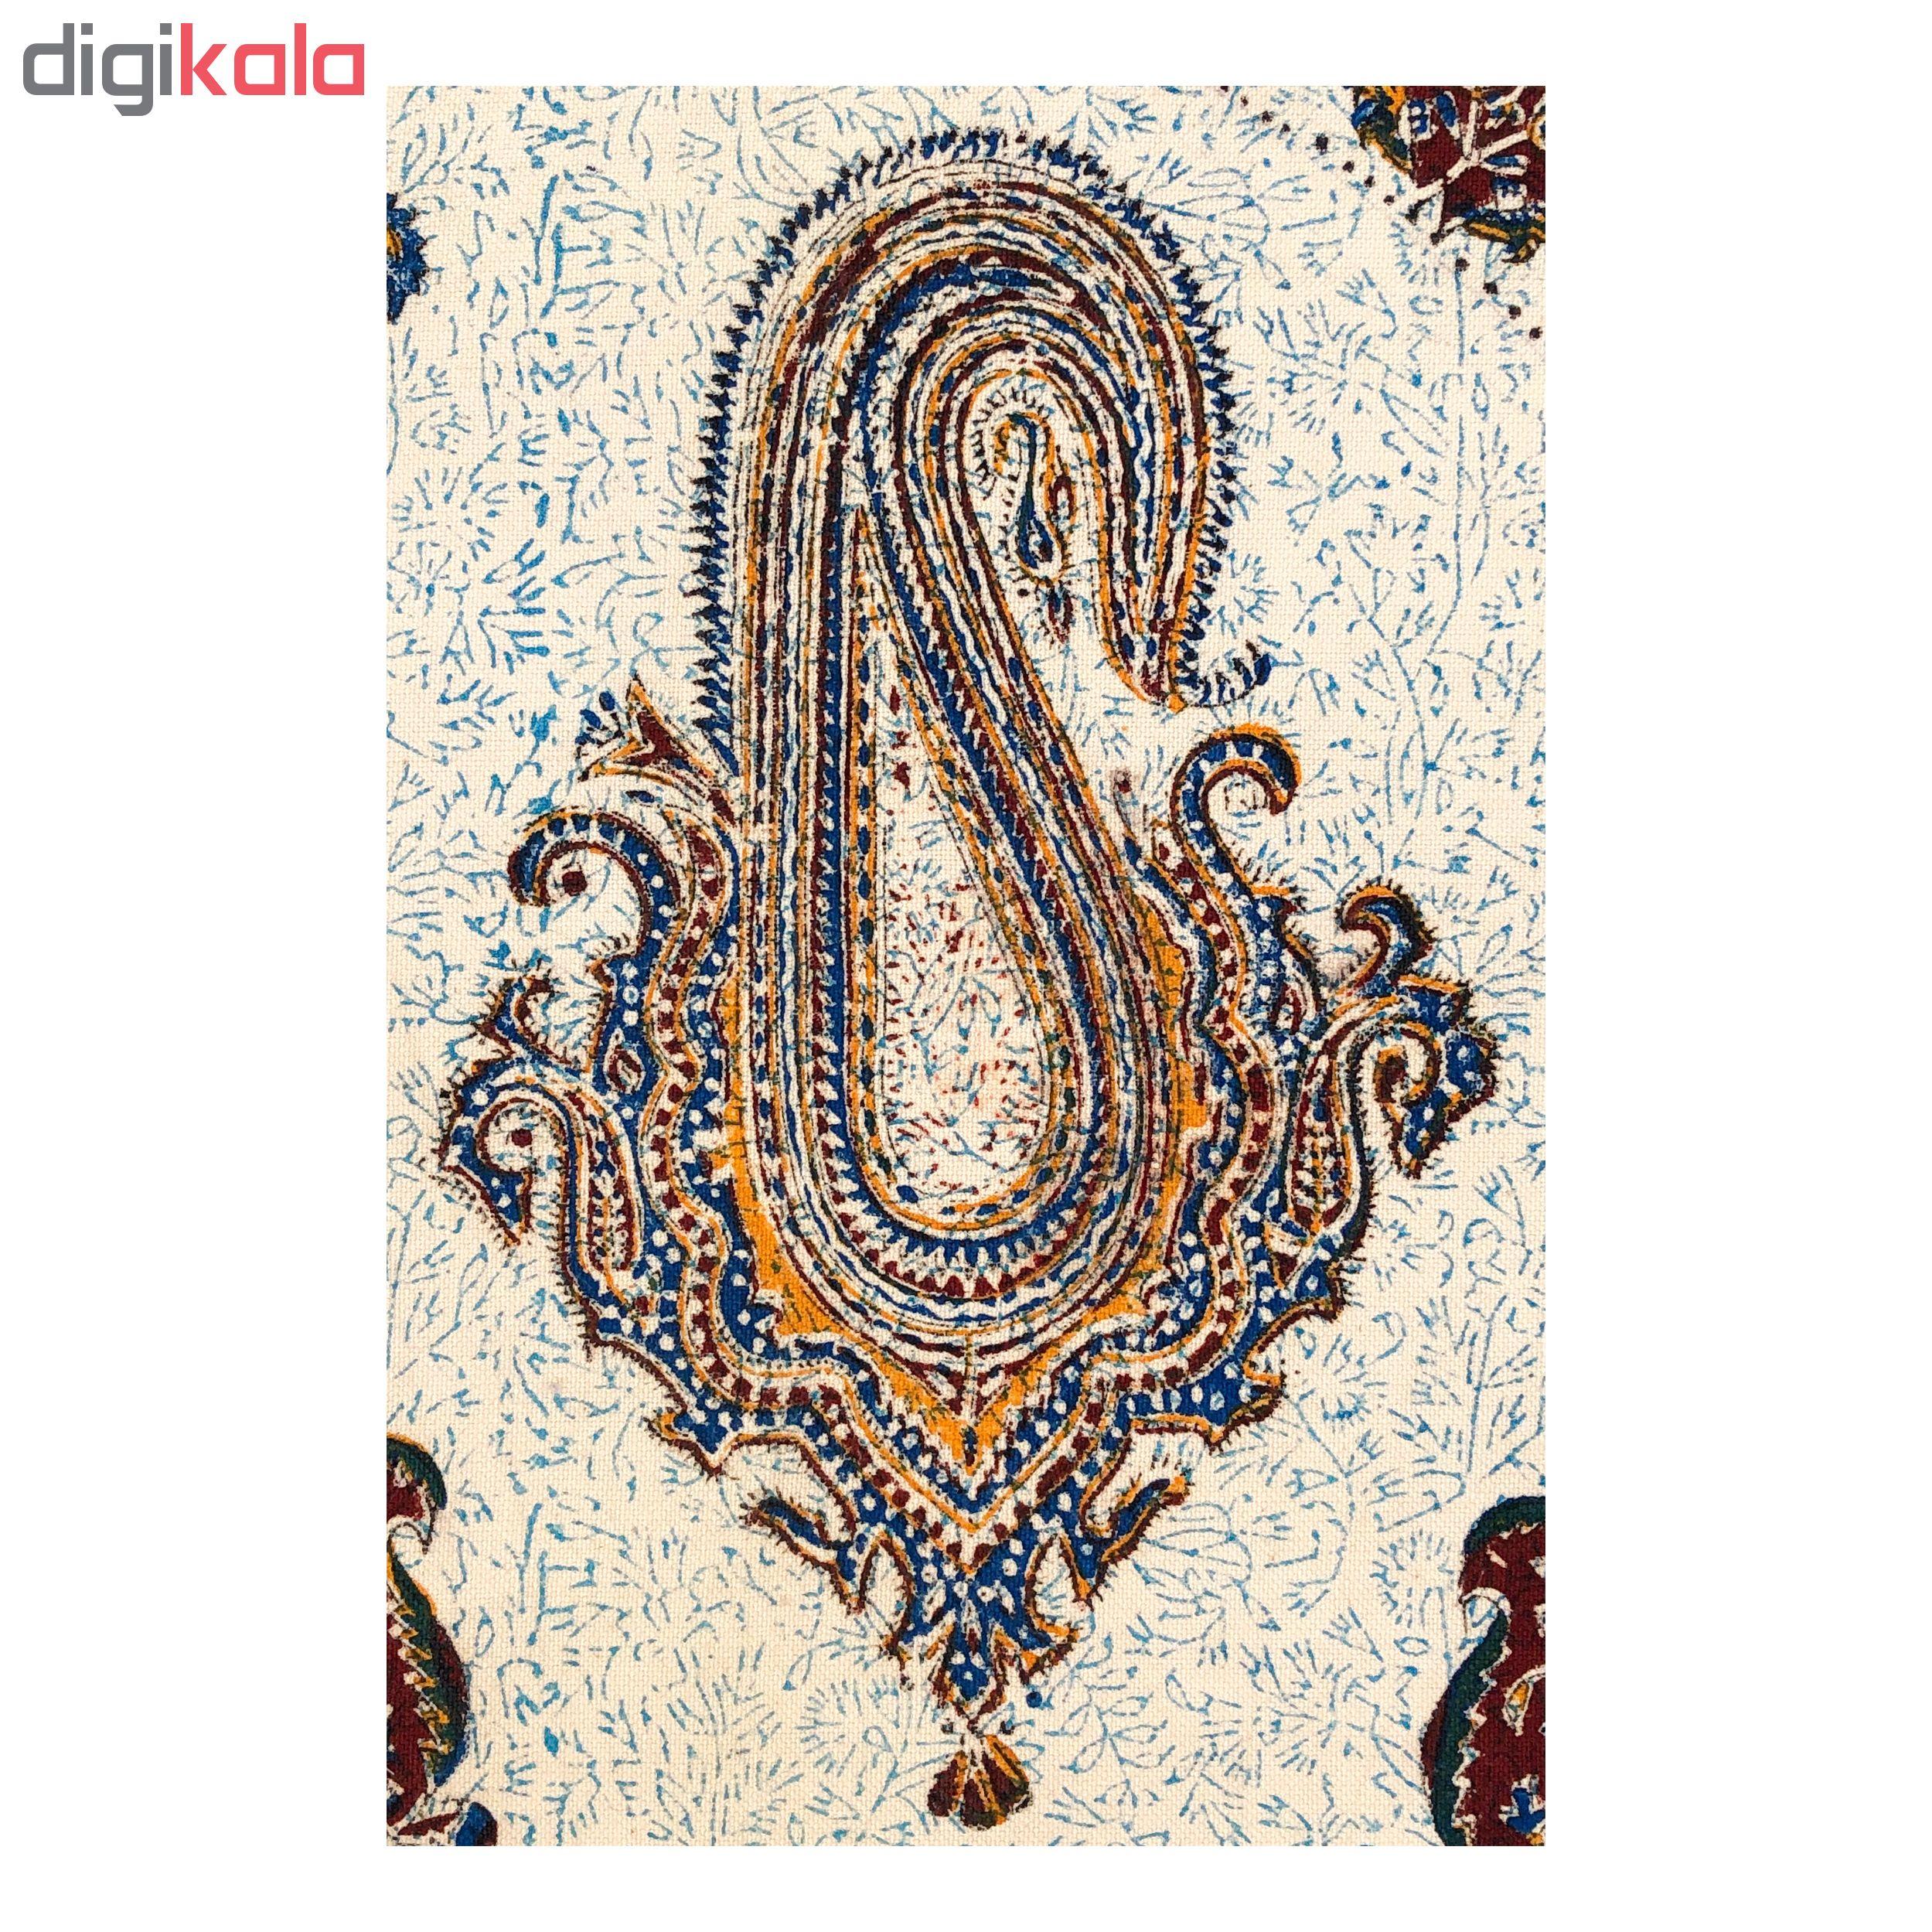 رومیزی بيضي قلمکار ممتاز اصفهان اثر عطريان طرح ترنج نيايش مدلG66 سایز 180*280 سانتی متر